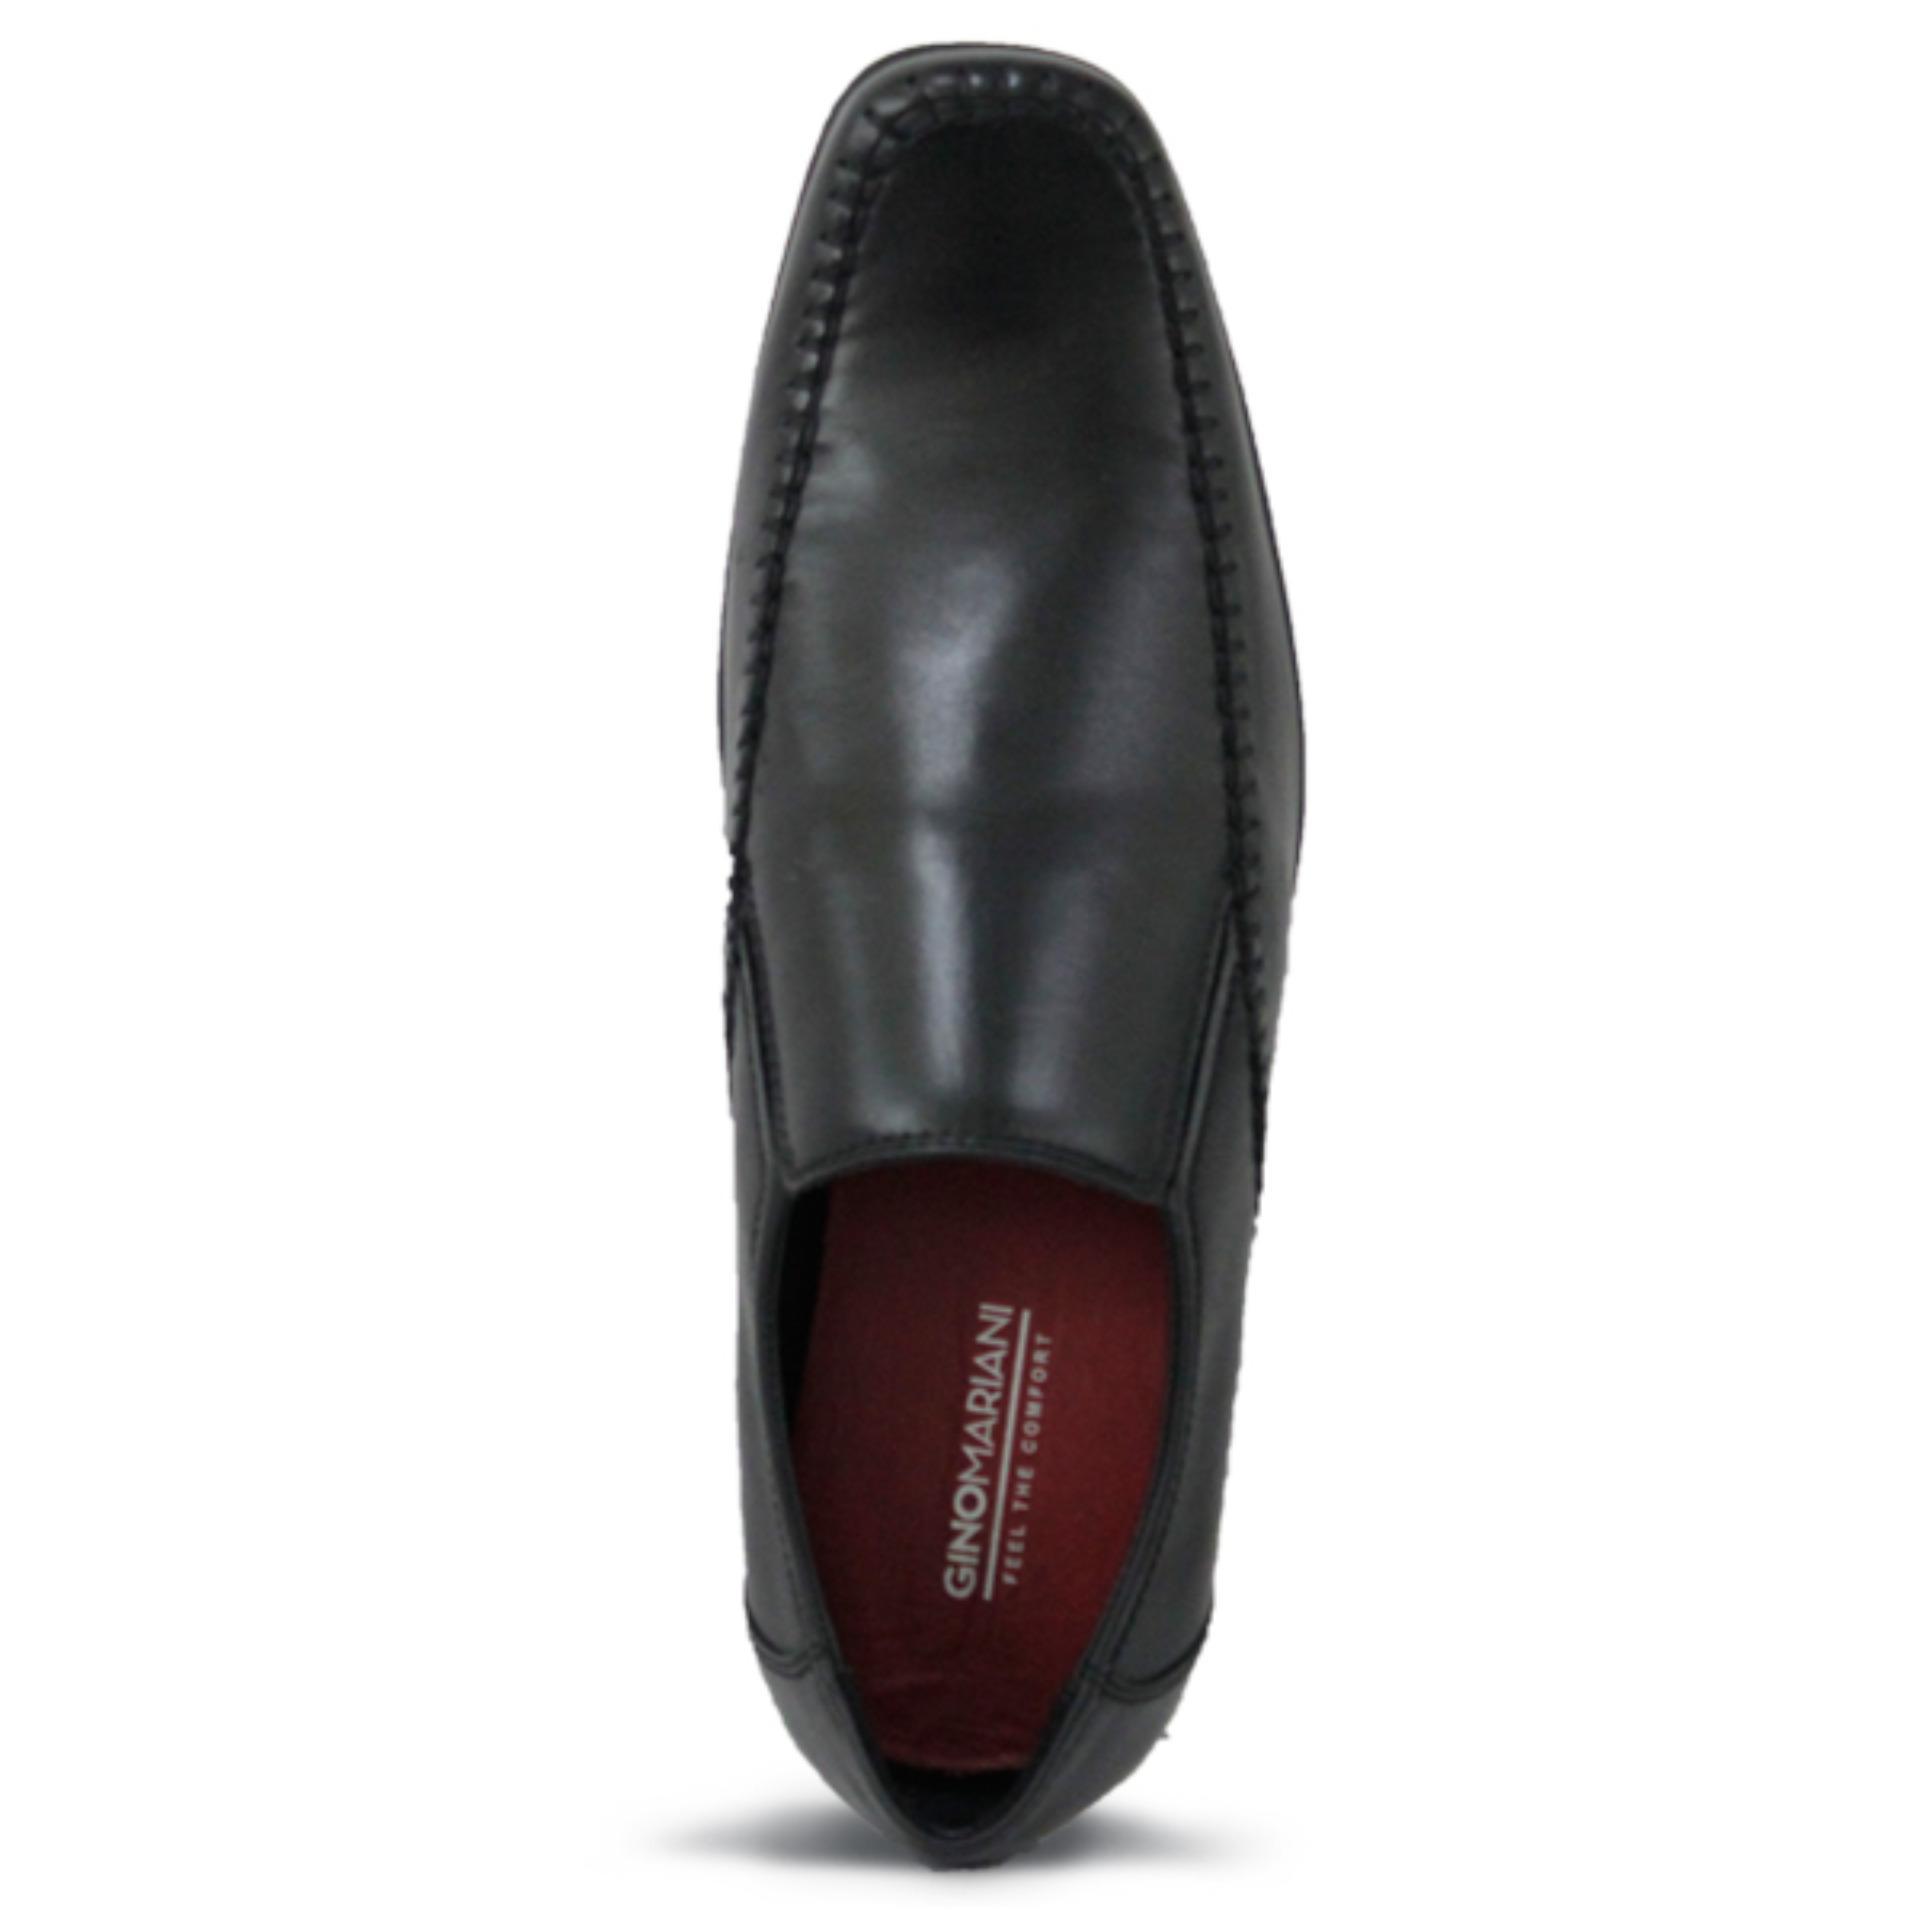 Gino Mariani Man Shoes Darren 8 Hitam Daftar Harga Terlengkap Elario 1 Cow Leather Casual Mens Tan Cokelat Muda 45 Orion